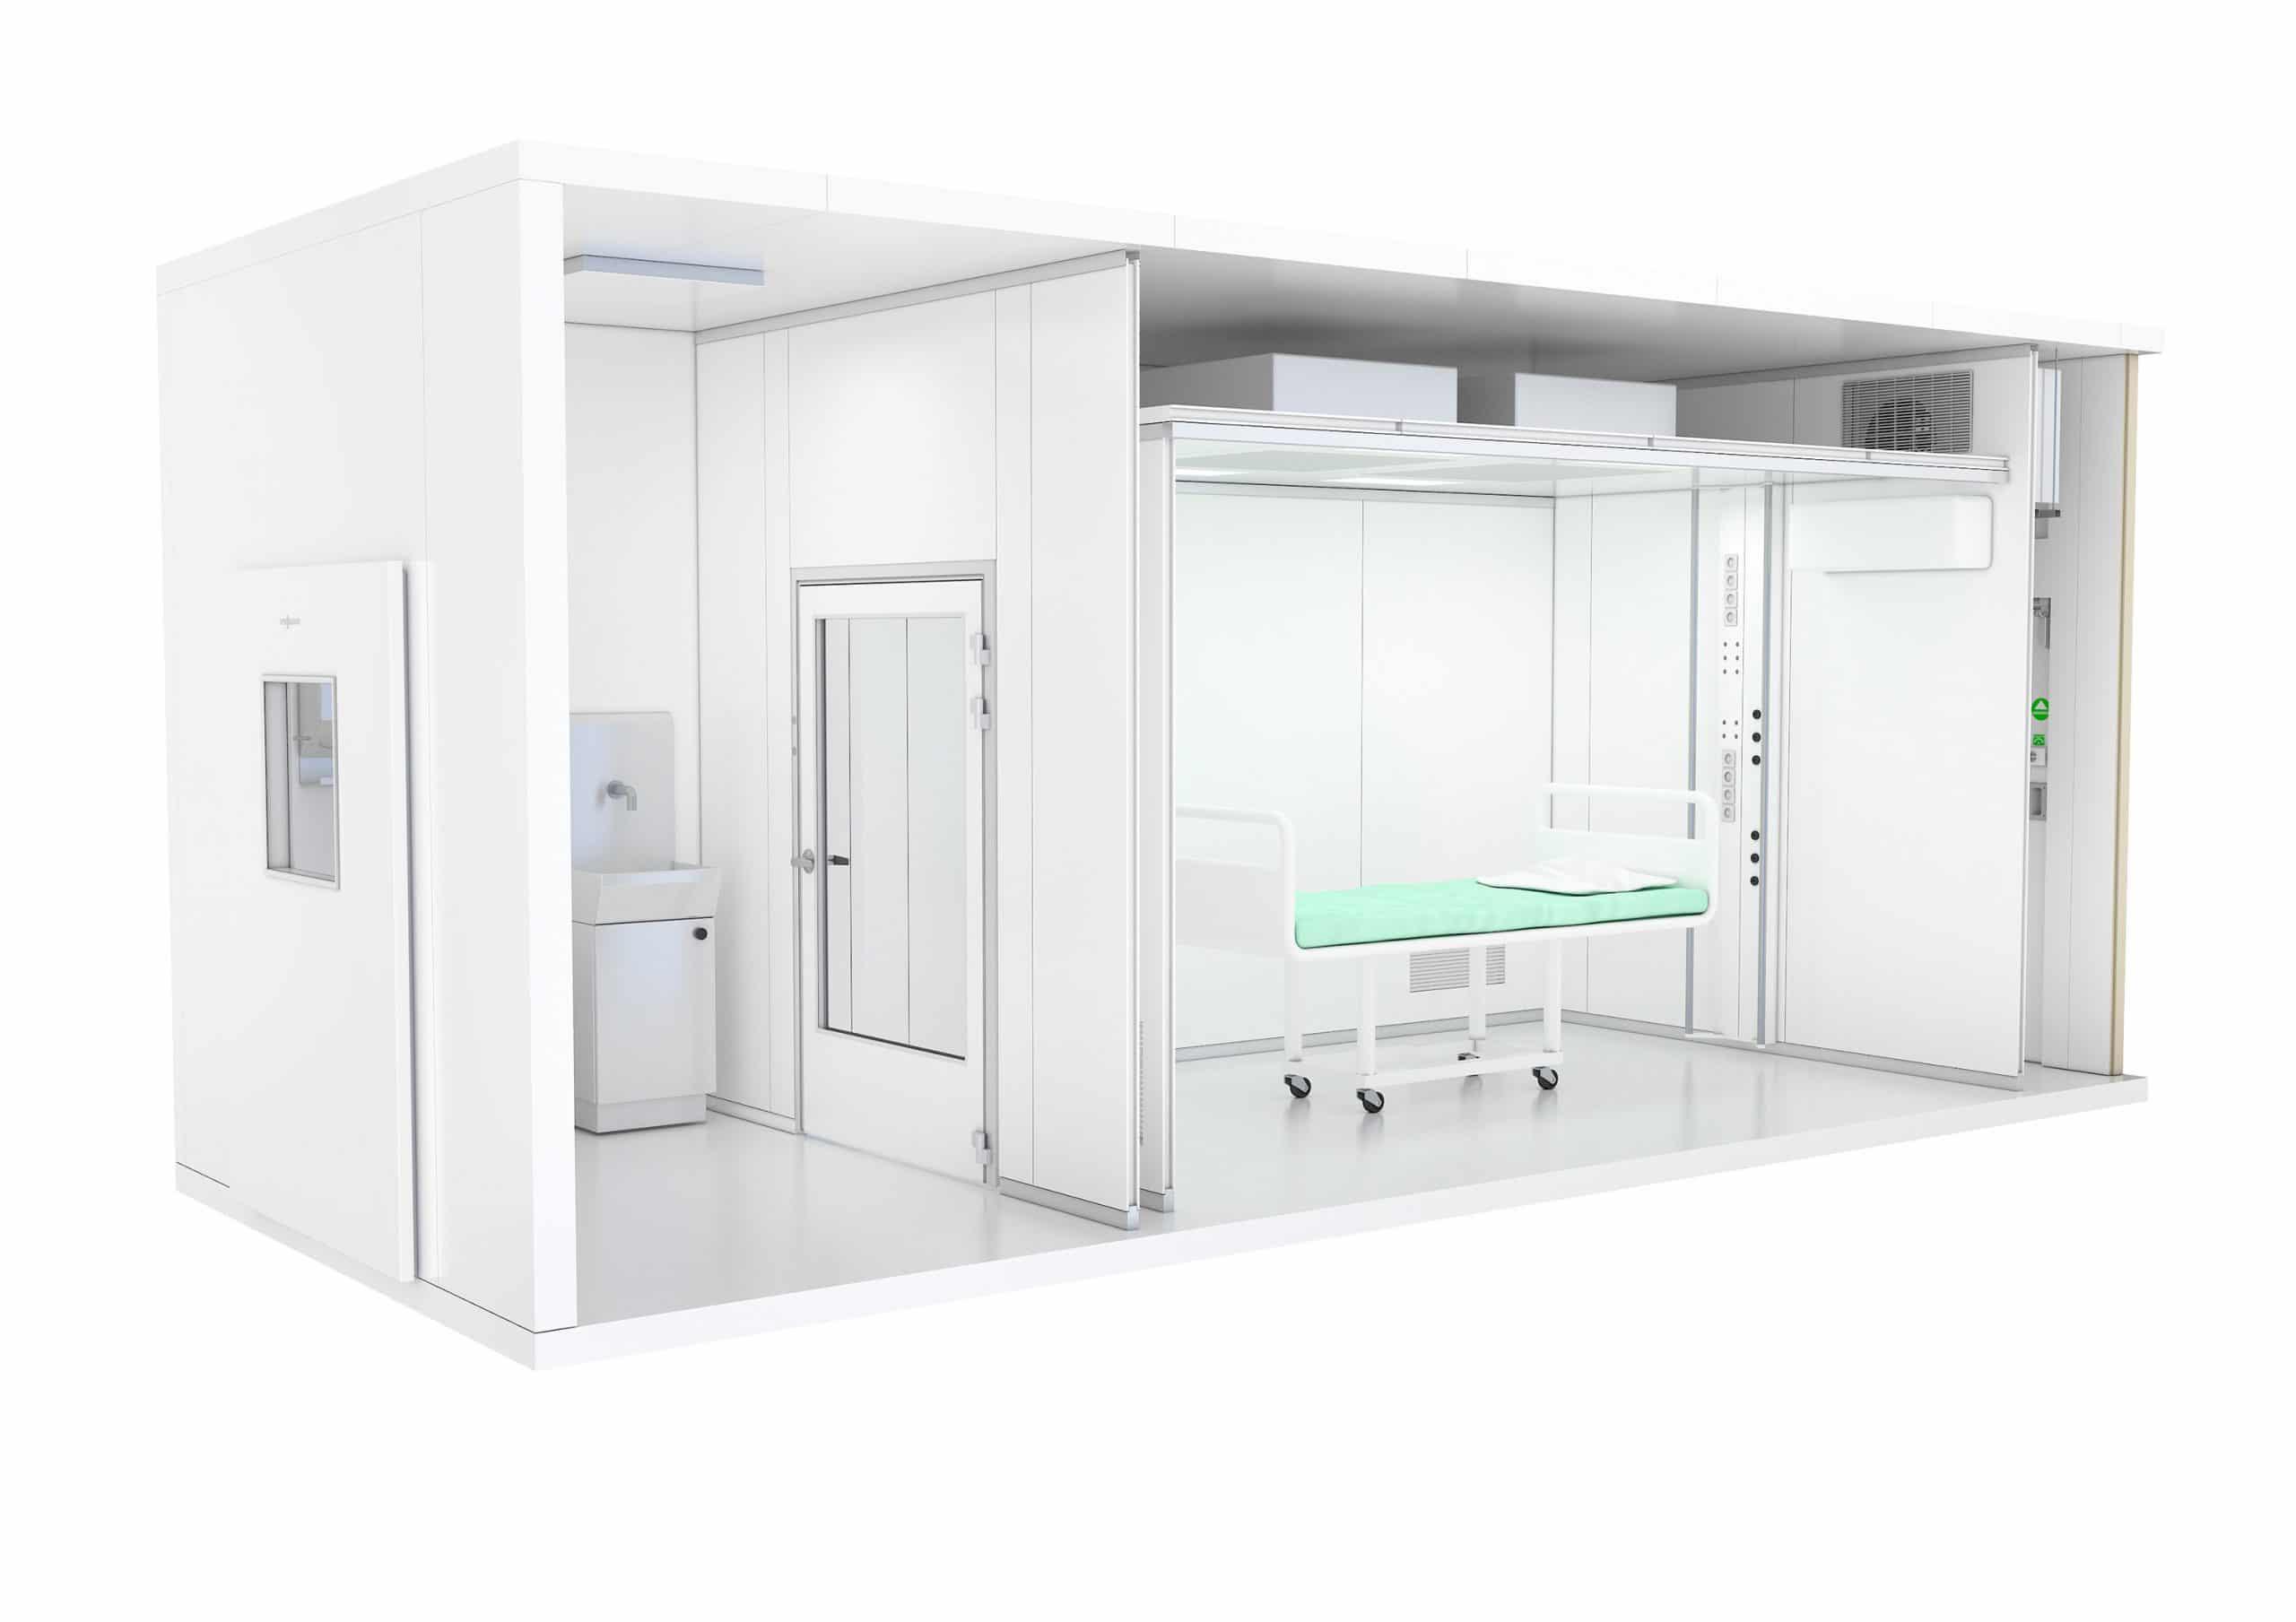 Vitec stellt modular vorgefertigte und flexible Intensivpflegeeinheiten vor